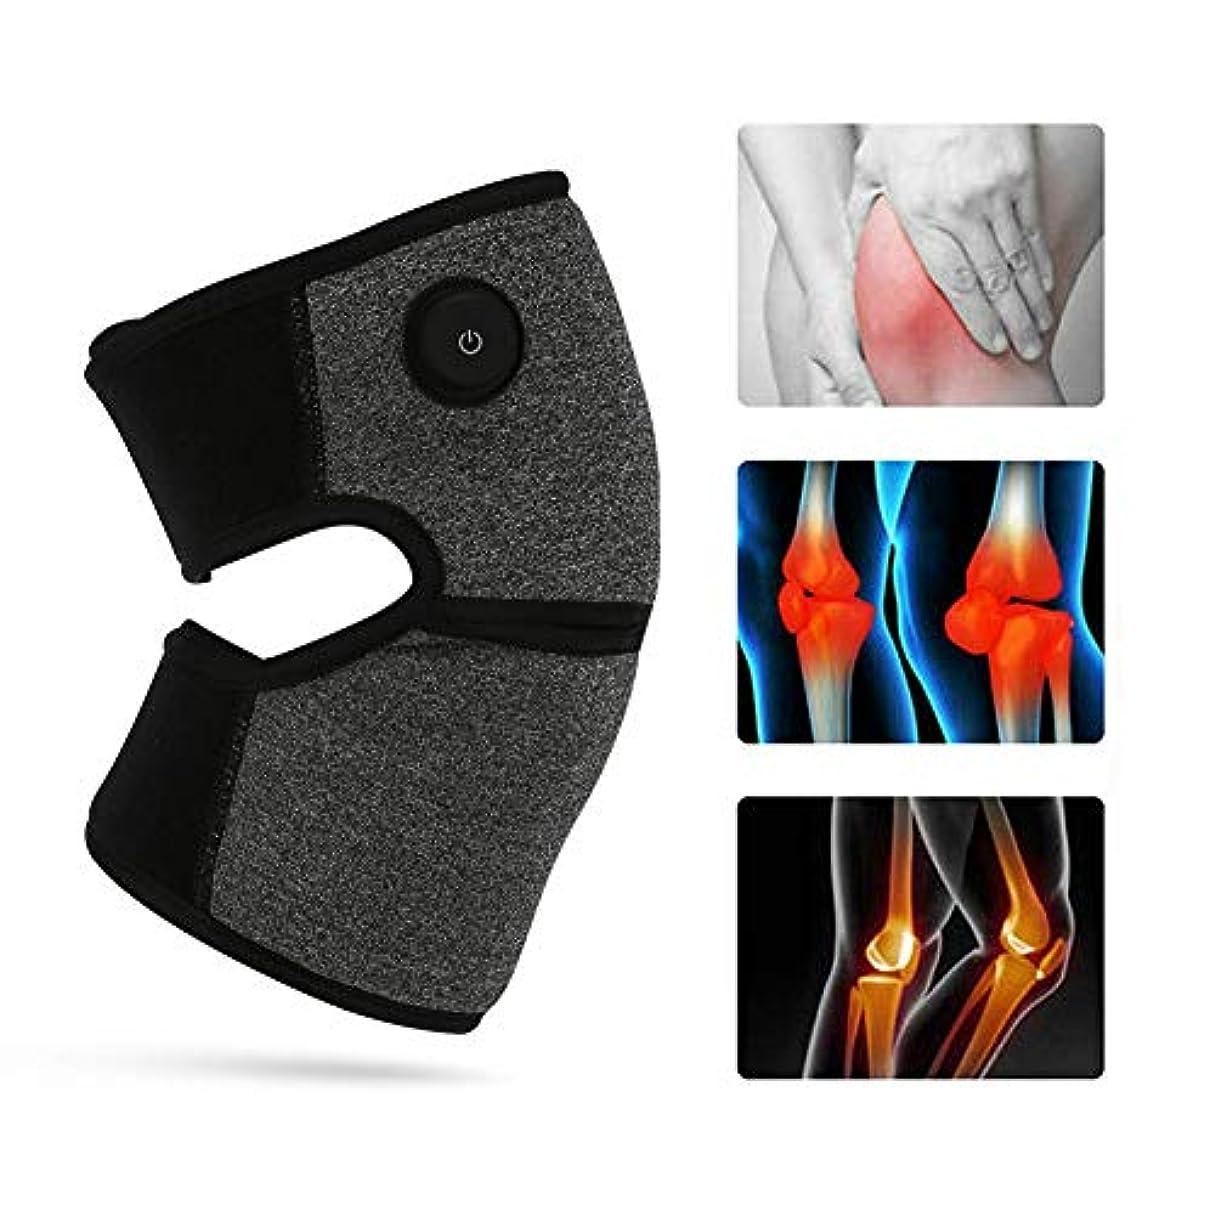 同行バルセロナ小間膝関節炎のための3ファイル温度加熱膝装具療法ホット圧縮による電気加熱膝ラップサポート,2pcs